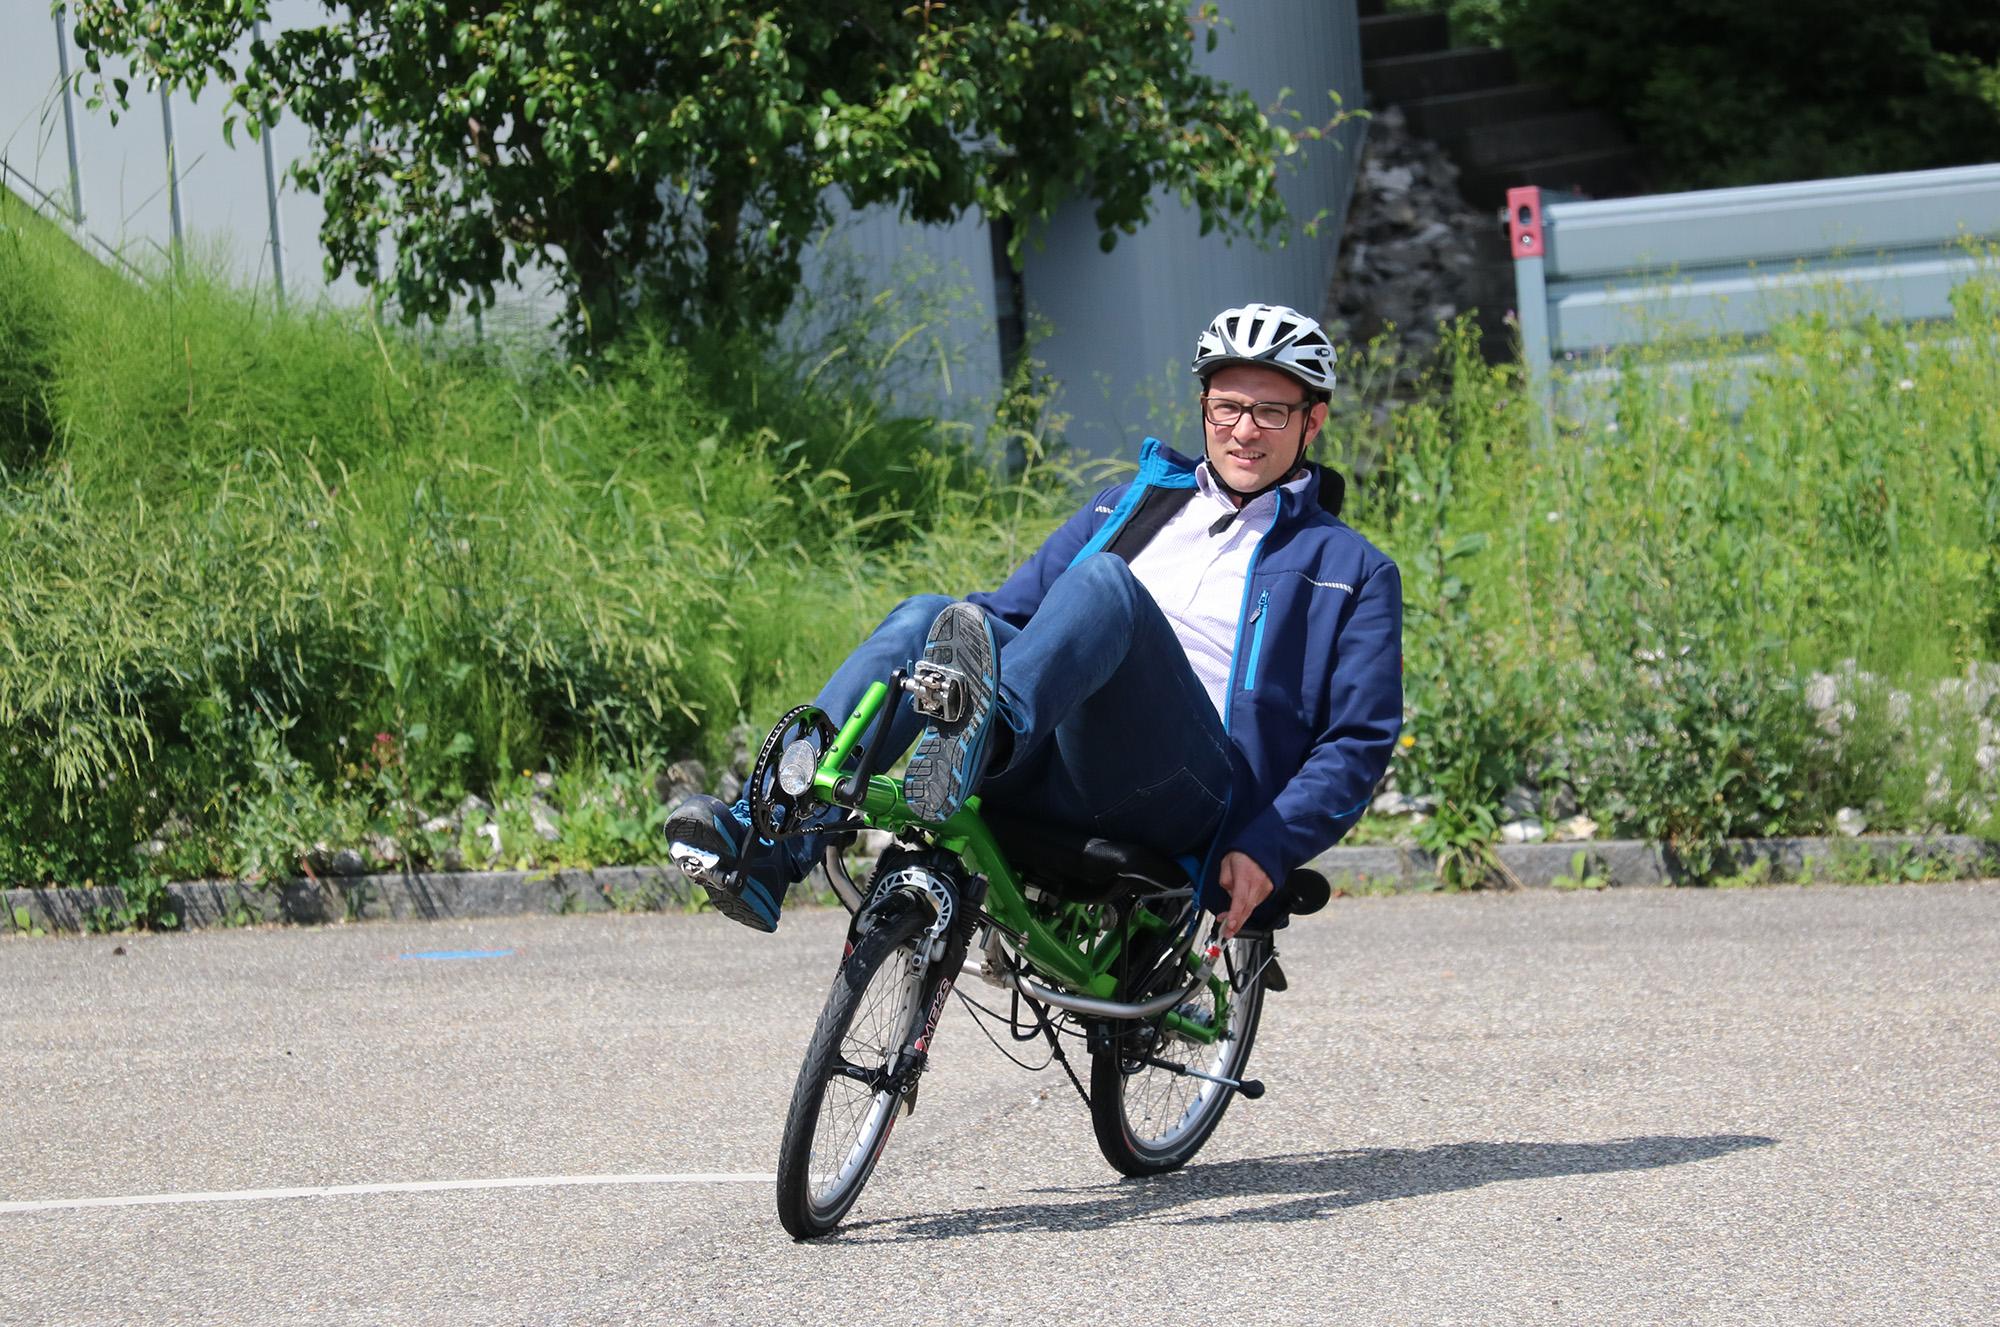 Lukas Greter auf dem Weg zur Arbeit